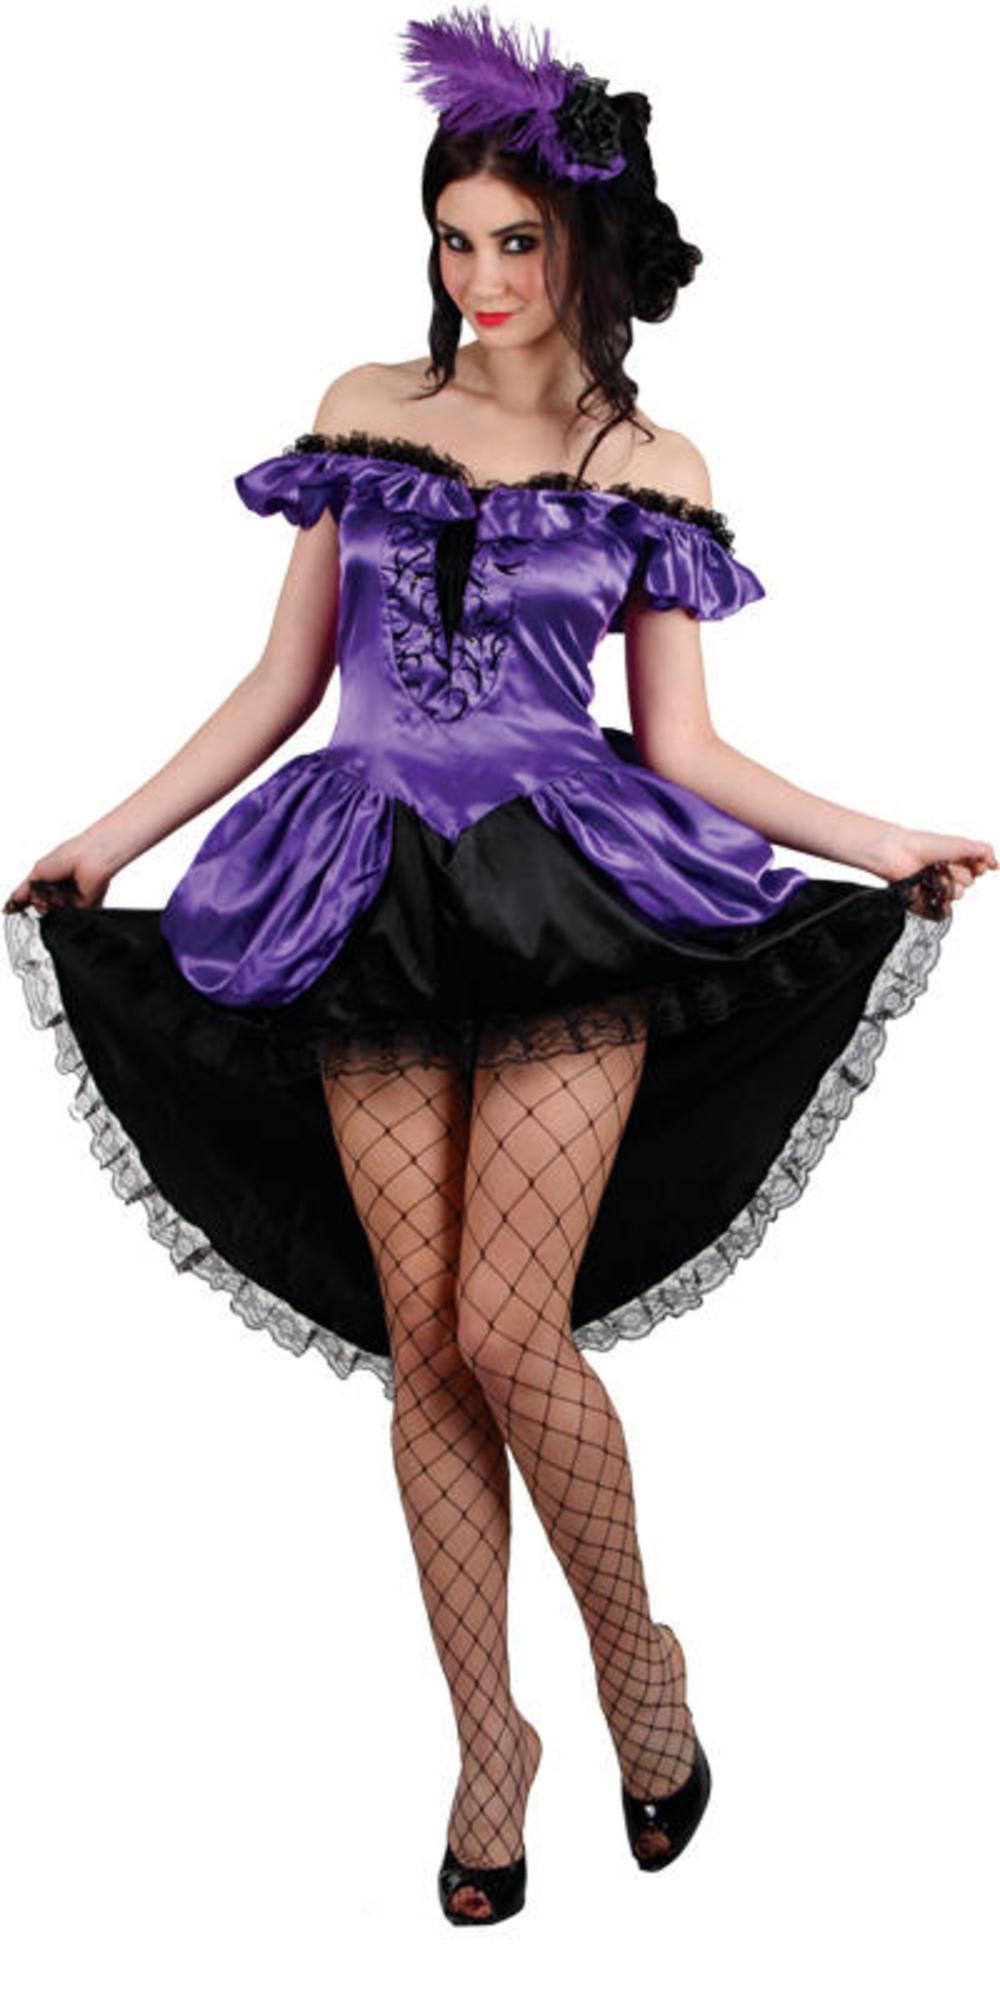 Ladies' Purple Burlesque Saloon Girl Fancy Dress